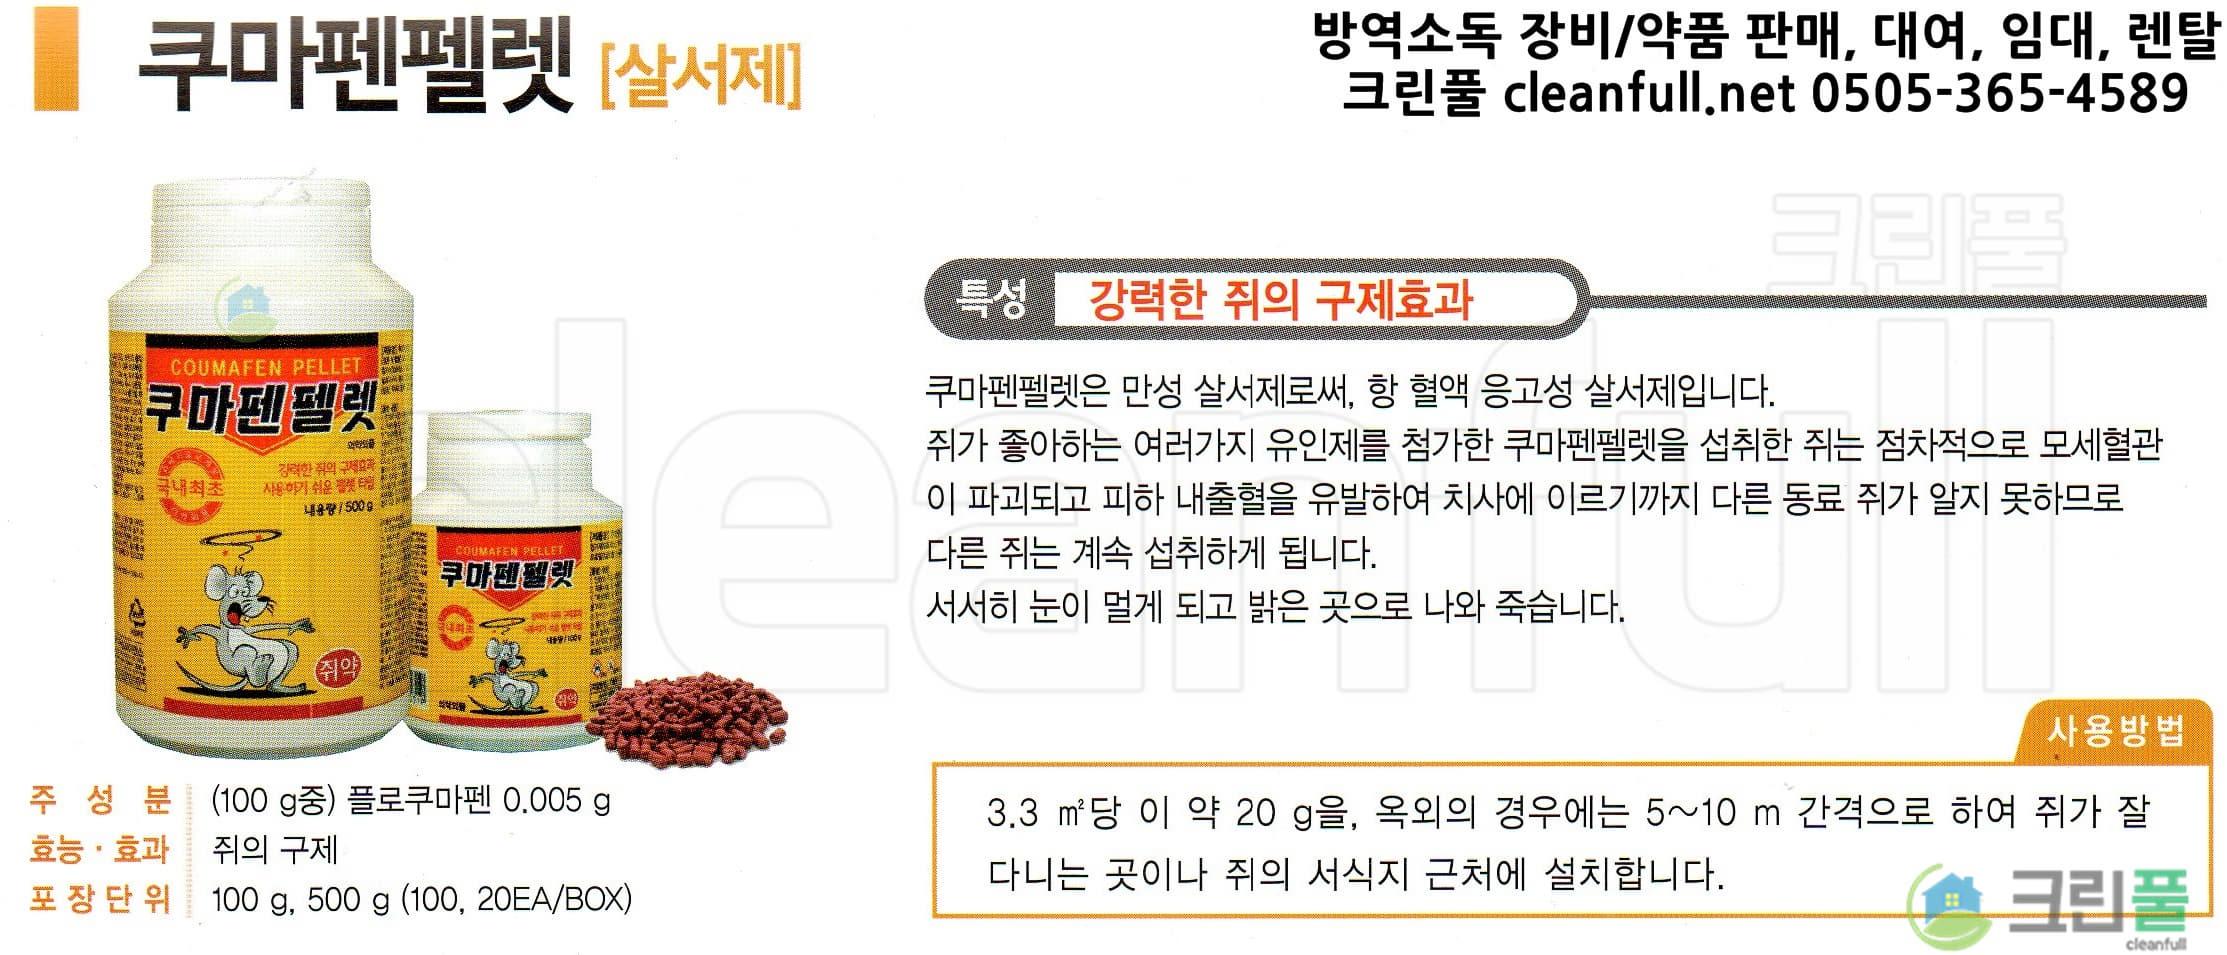 [카탈로그] 쿠마펜펠렛 500g